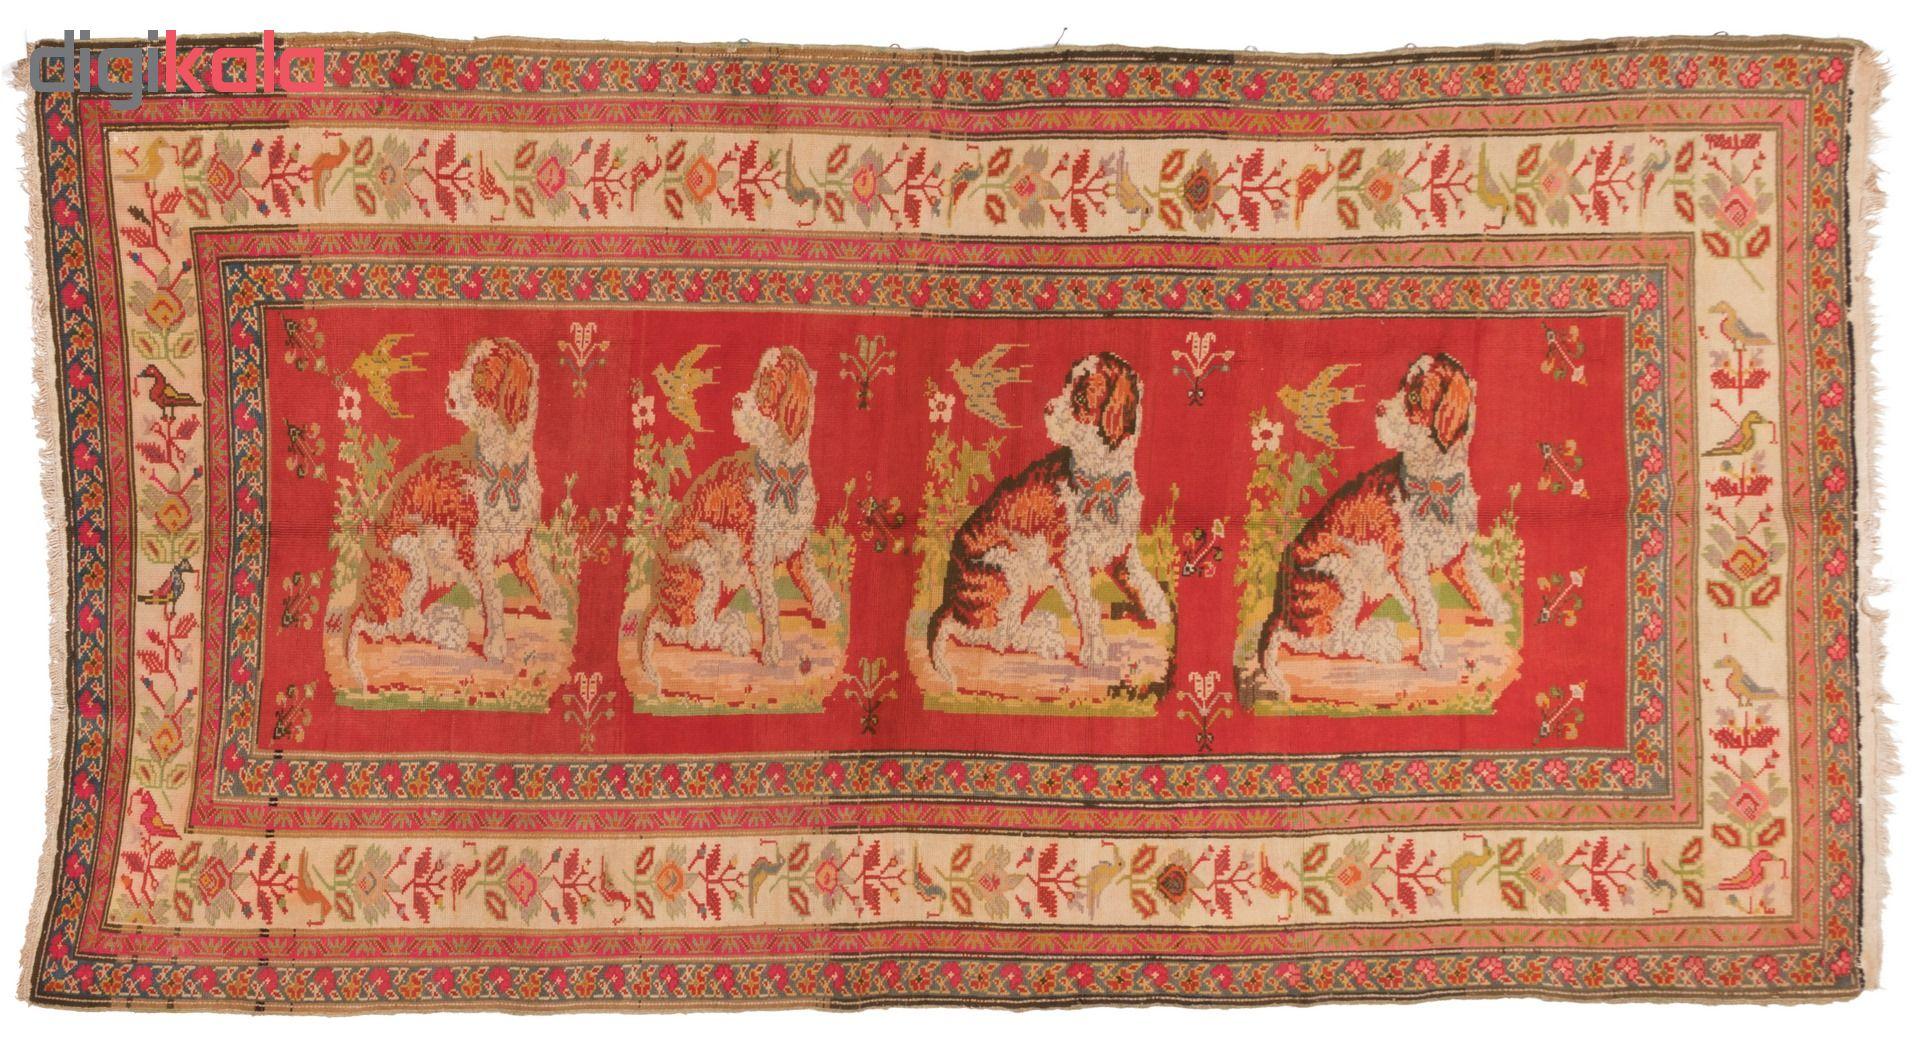 فرش دستباف قدیمی سه متری سی پرشیا کد 170004